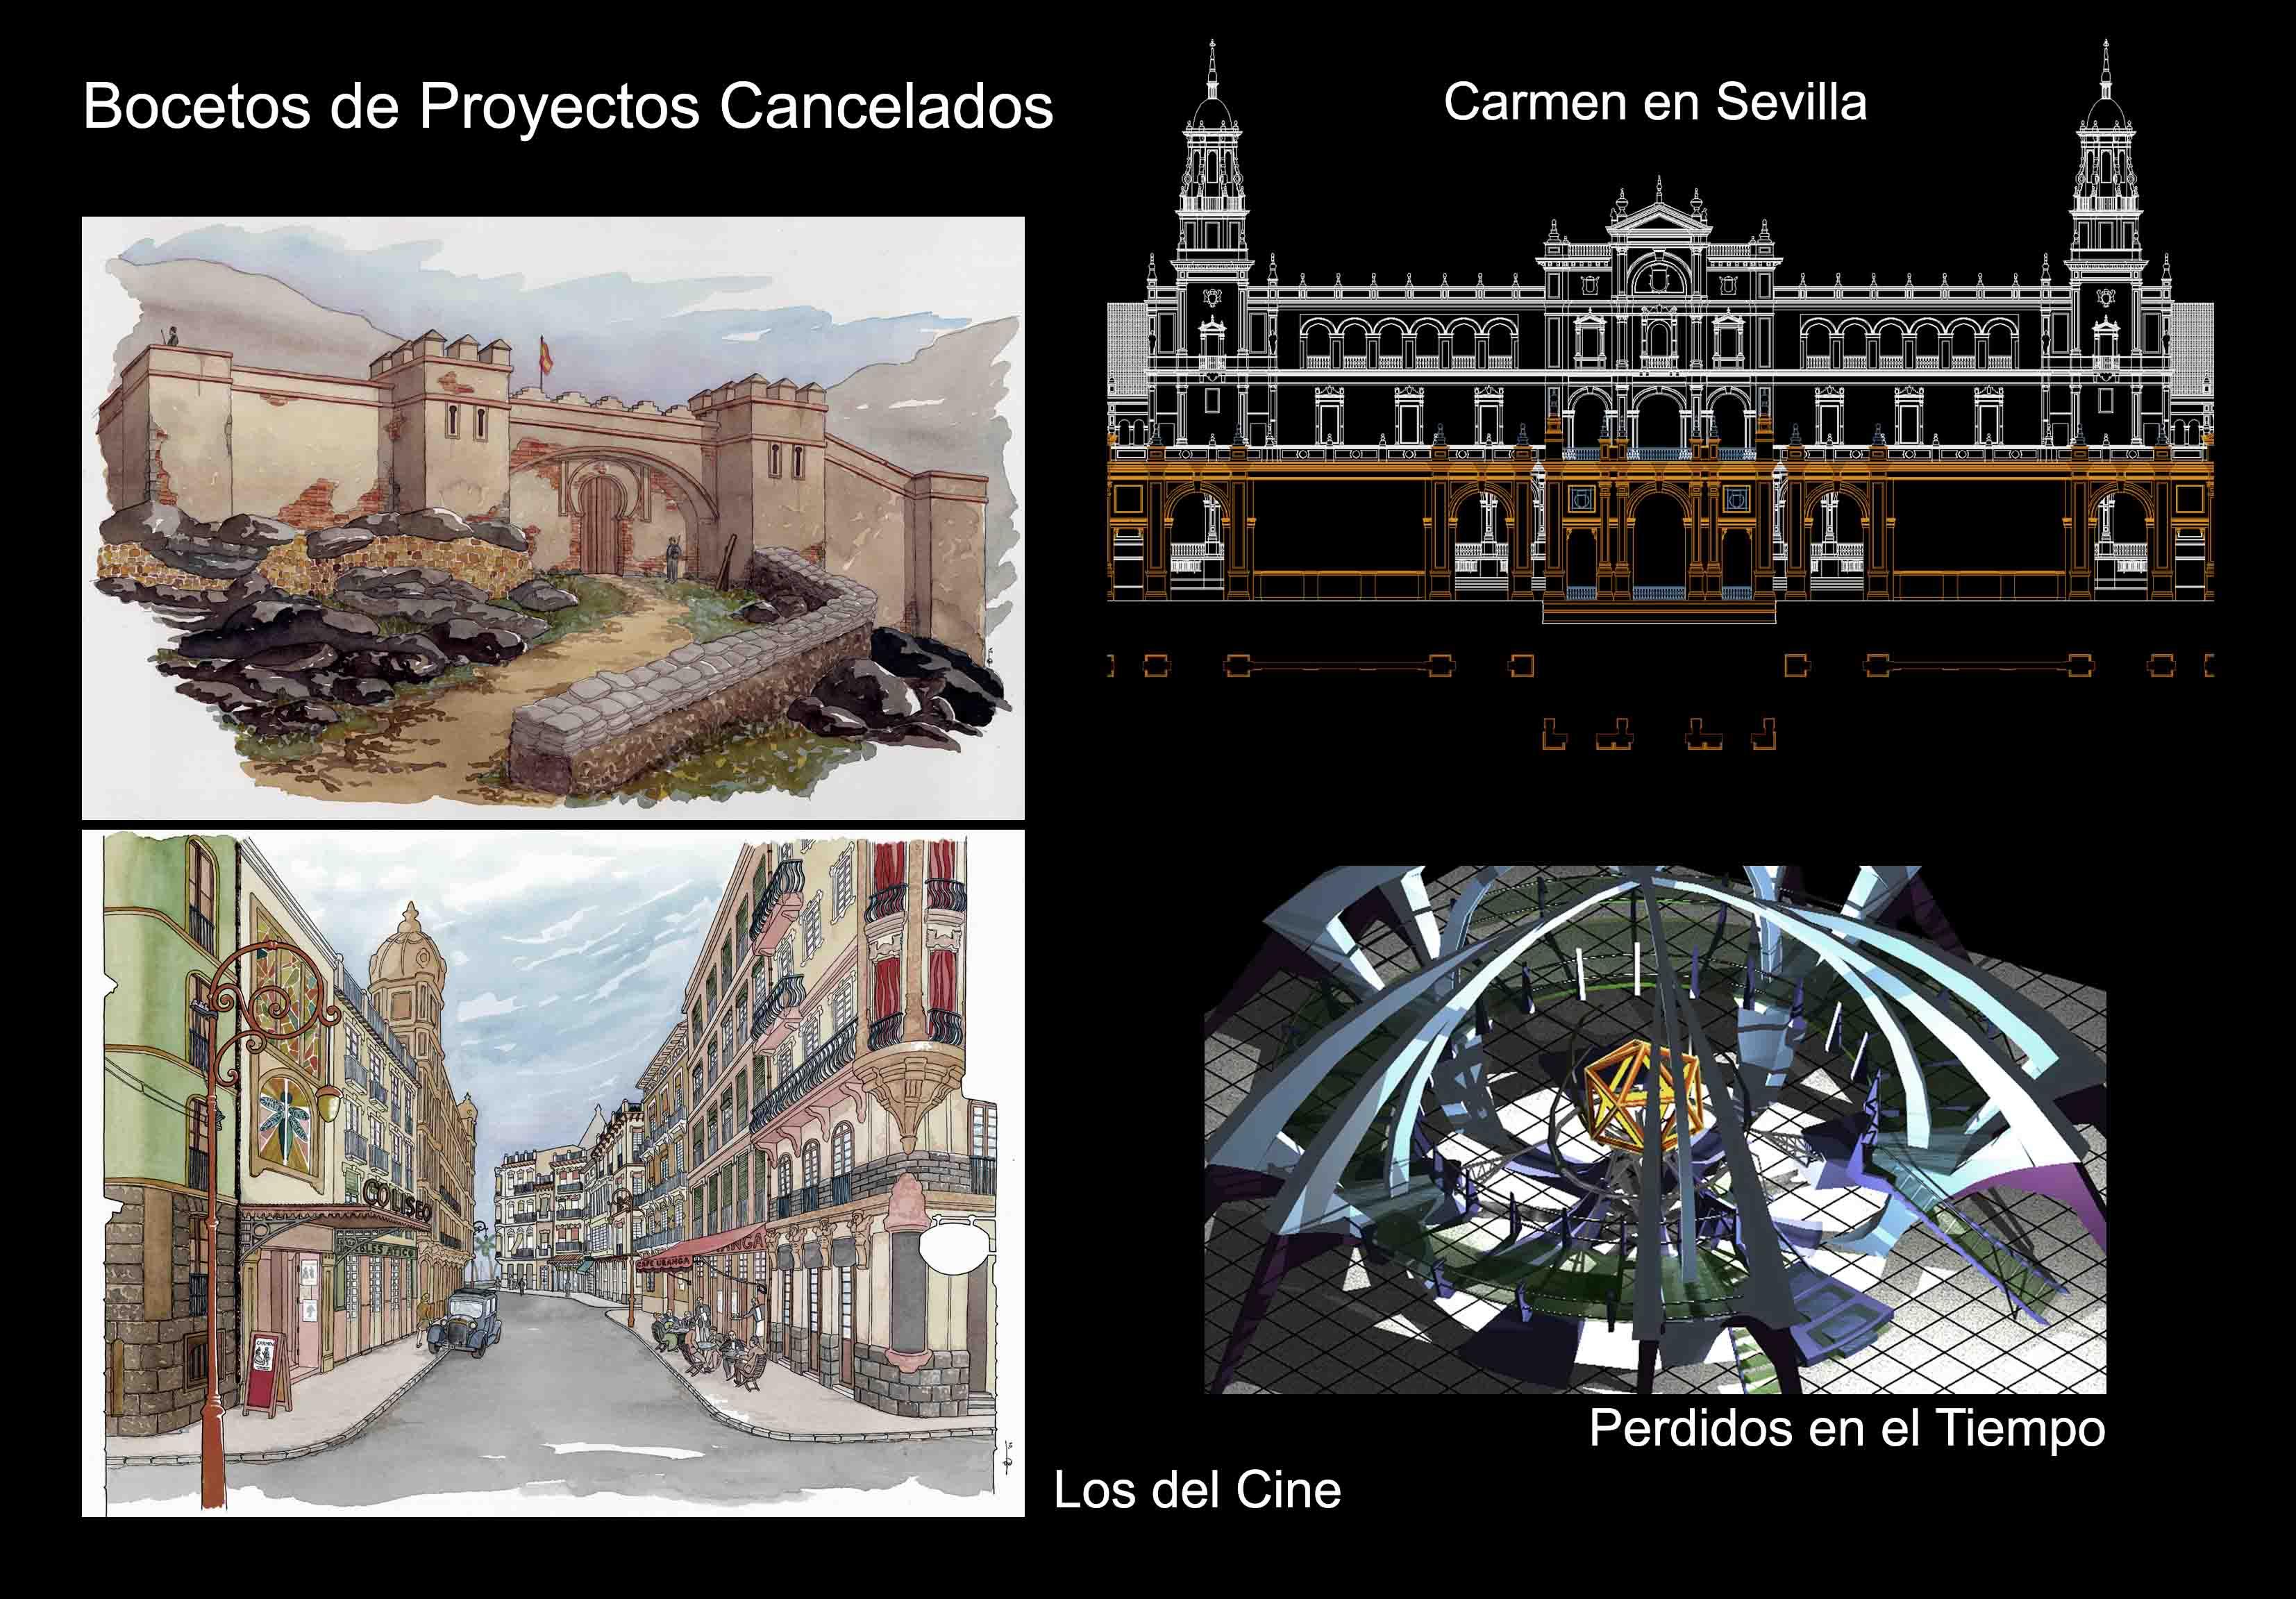 David Temprano d2004-2005 Carmen en Sevilla, Los del Cine, Perdidos en el Tiempo 1